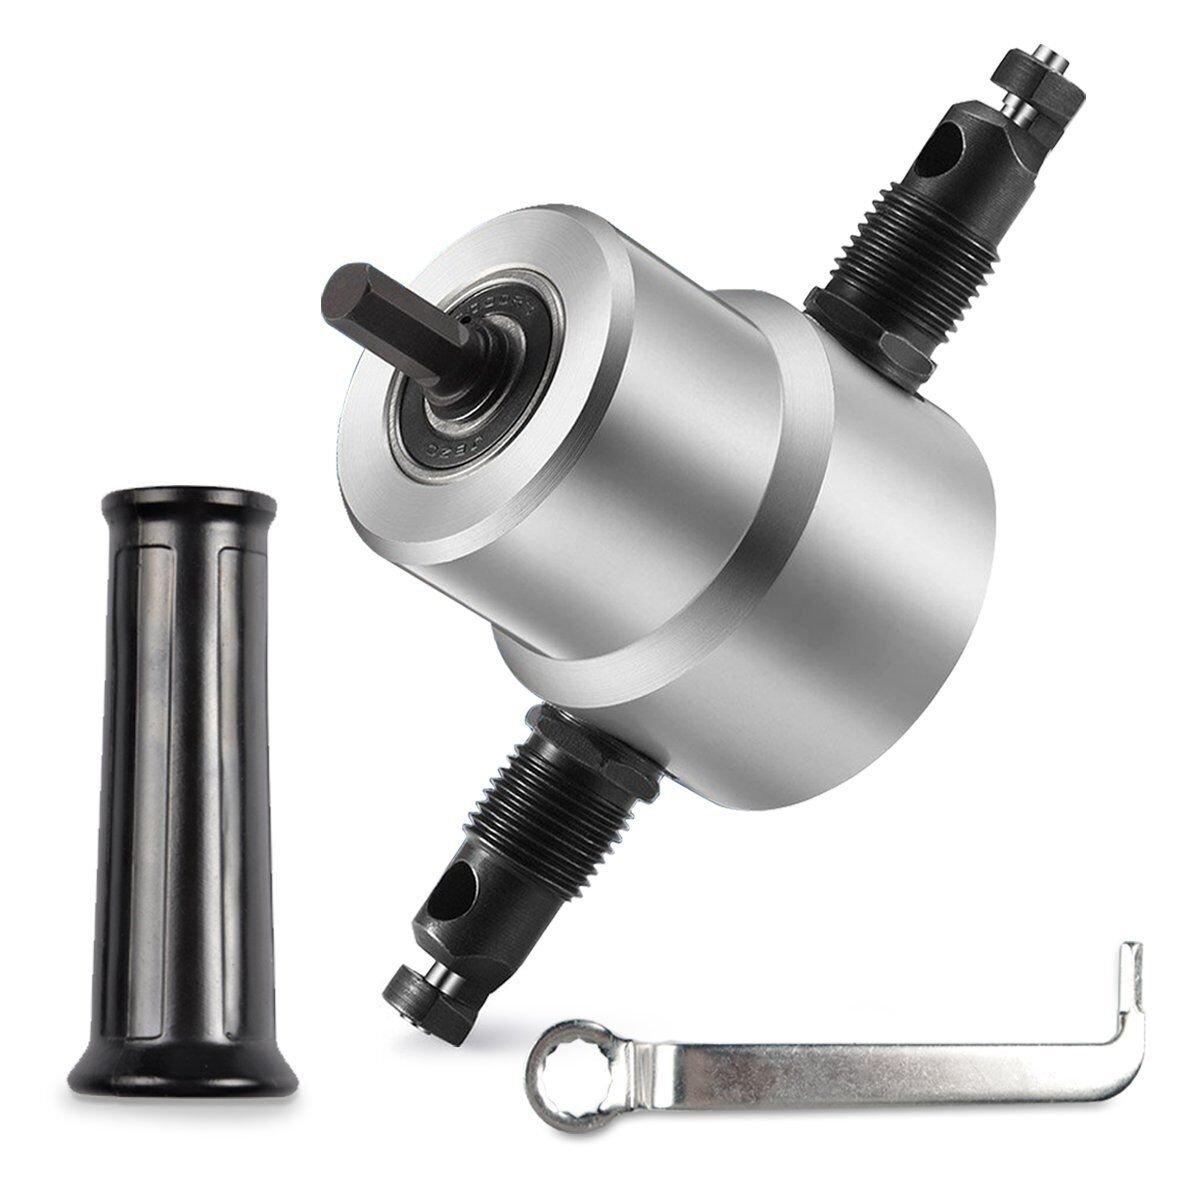 Sheet Metal Cutter, XINYI Double Head Metal Cutting Drill Attachment Tool,Repair Metal Sheet Nibbler Cutter,Blister card